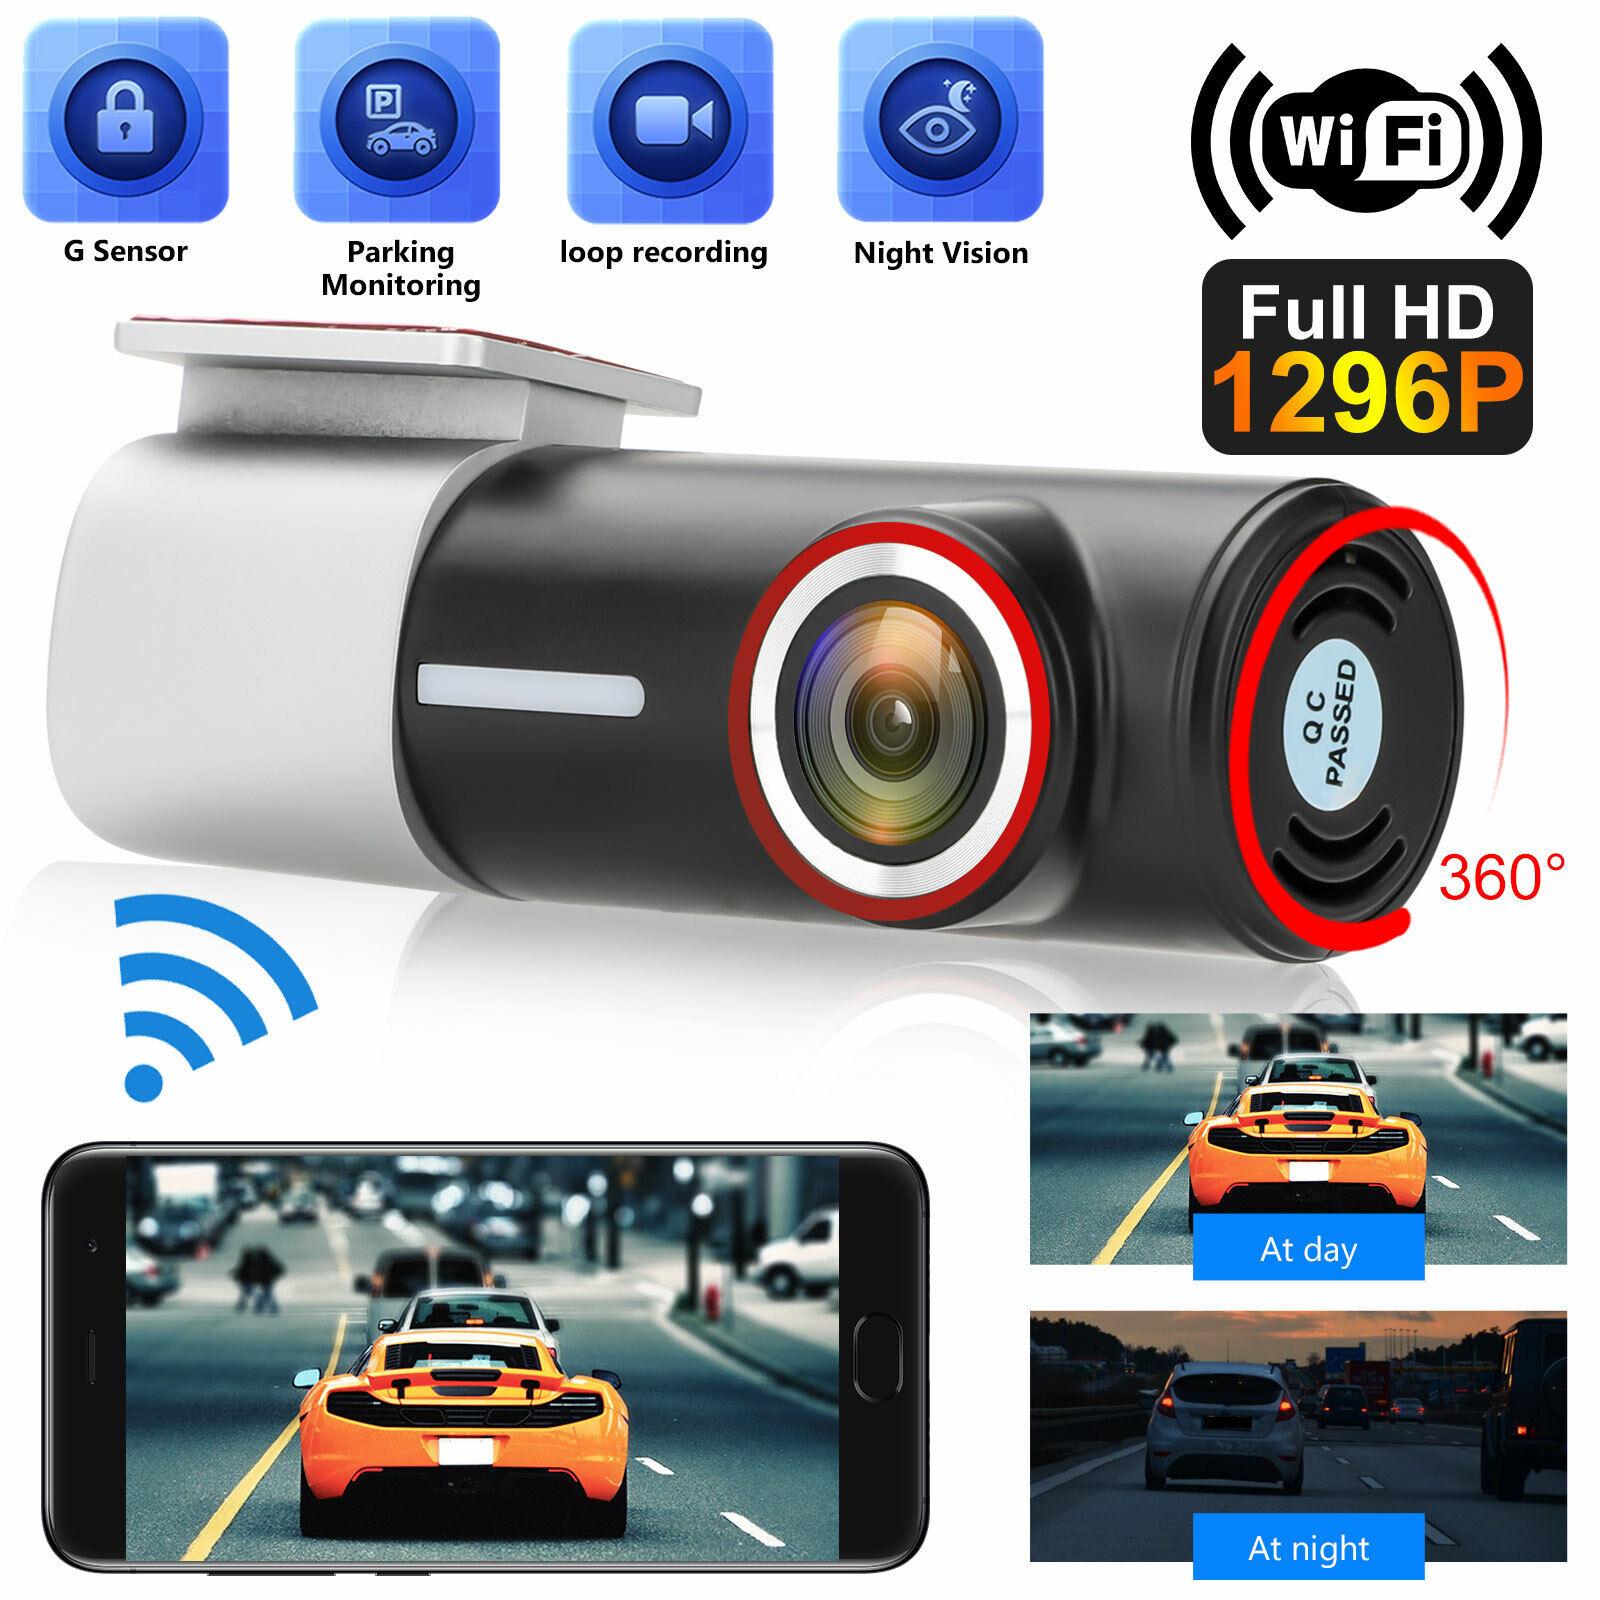 1296P Wifi Hidden Car DVR Camera Dash Cam Video Recorder Night Vision G-Sensor 1296p cam camera car dash dvr Featured hidden recorder video wifi